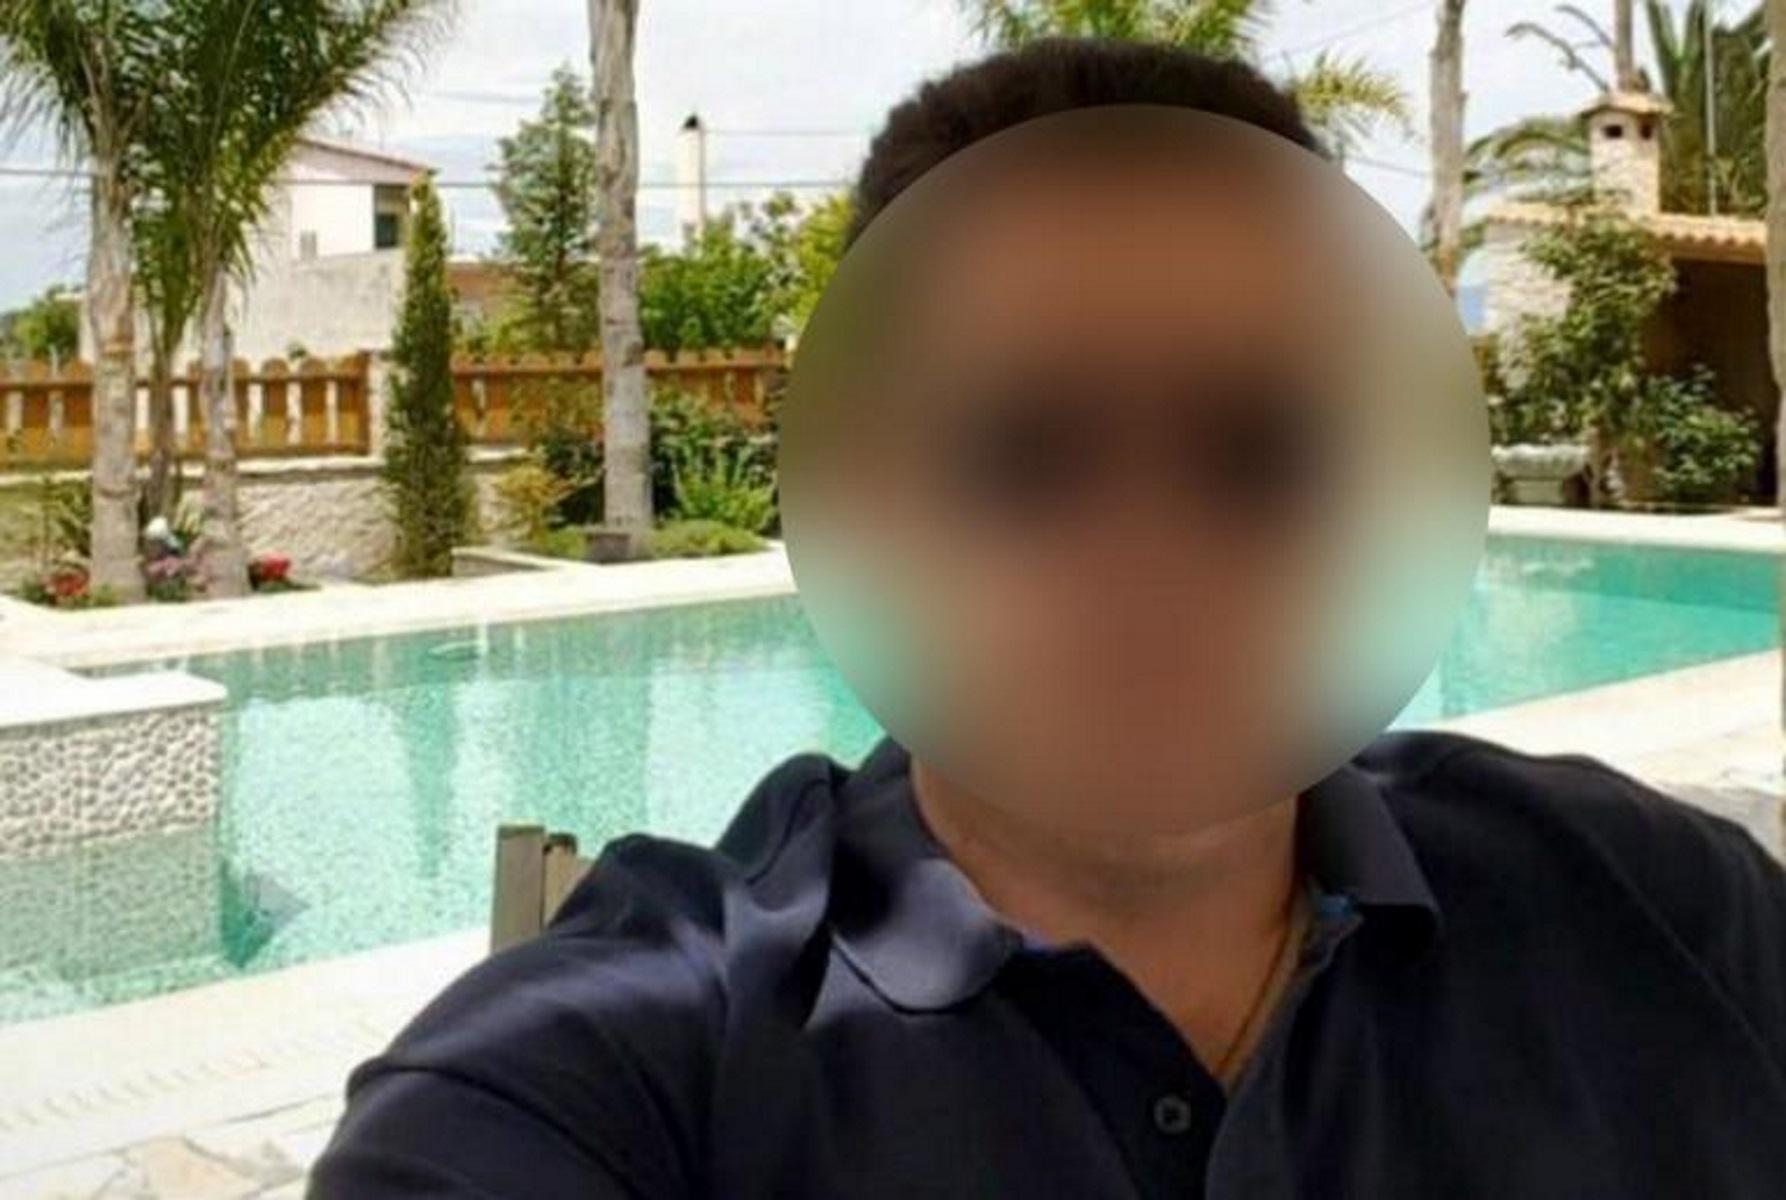 """Δολοφονία στο Χαϊδάρι: Εξαφανισμένα τα κινητά του """"τραπεζίτη"""" της νύχτας"""